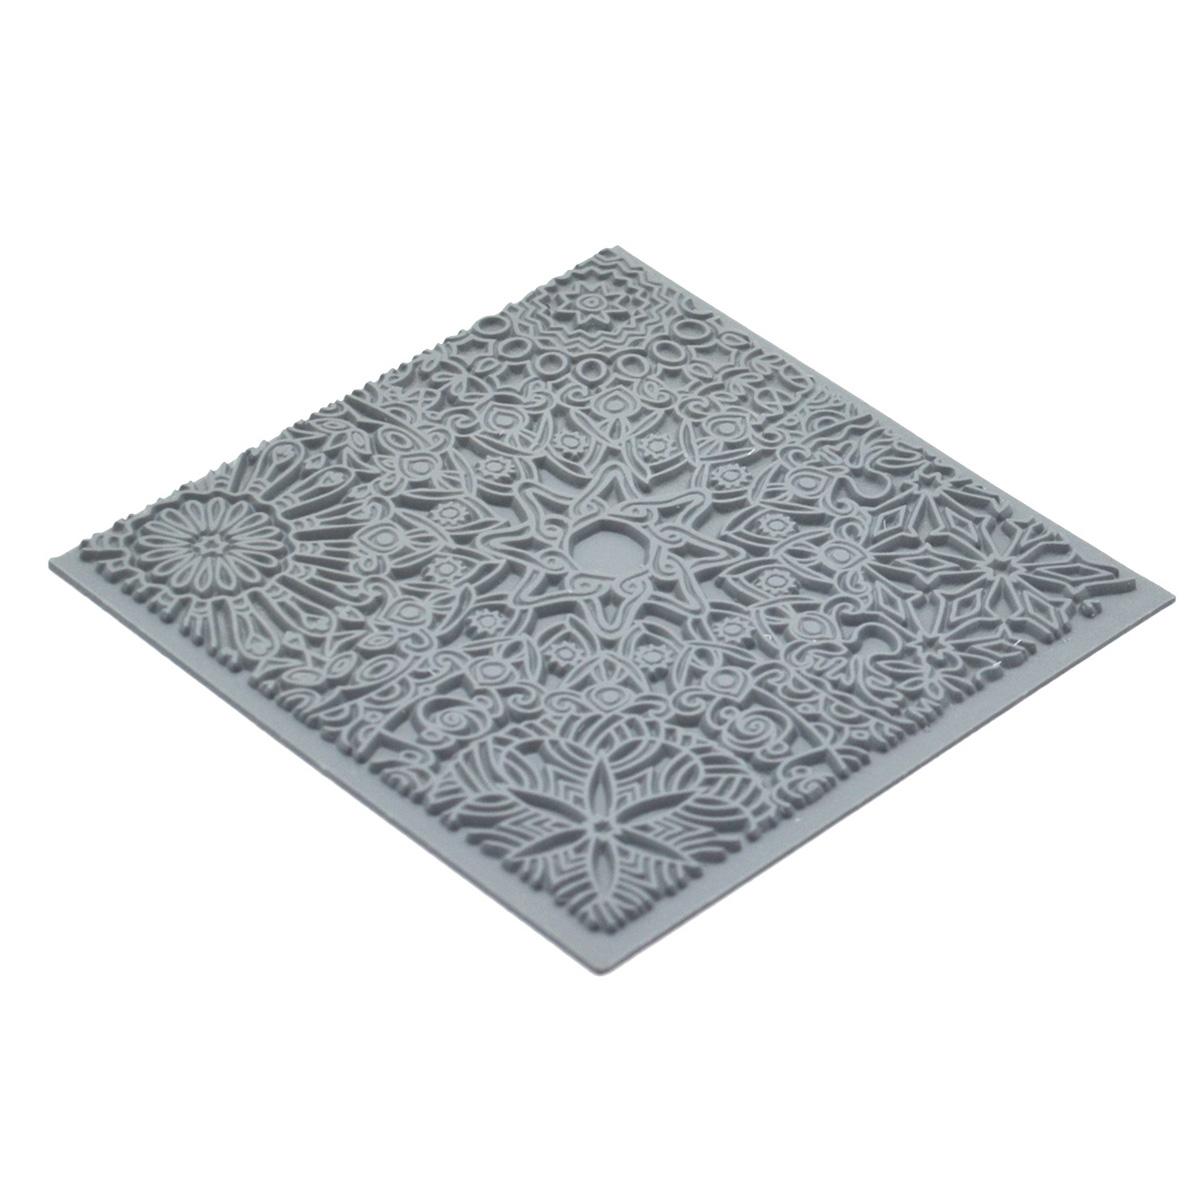 CE95025 Текстура для пластики резиновая 'Мандала', 9х9 см